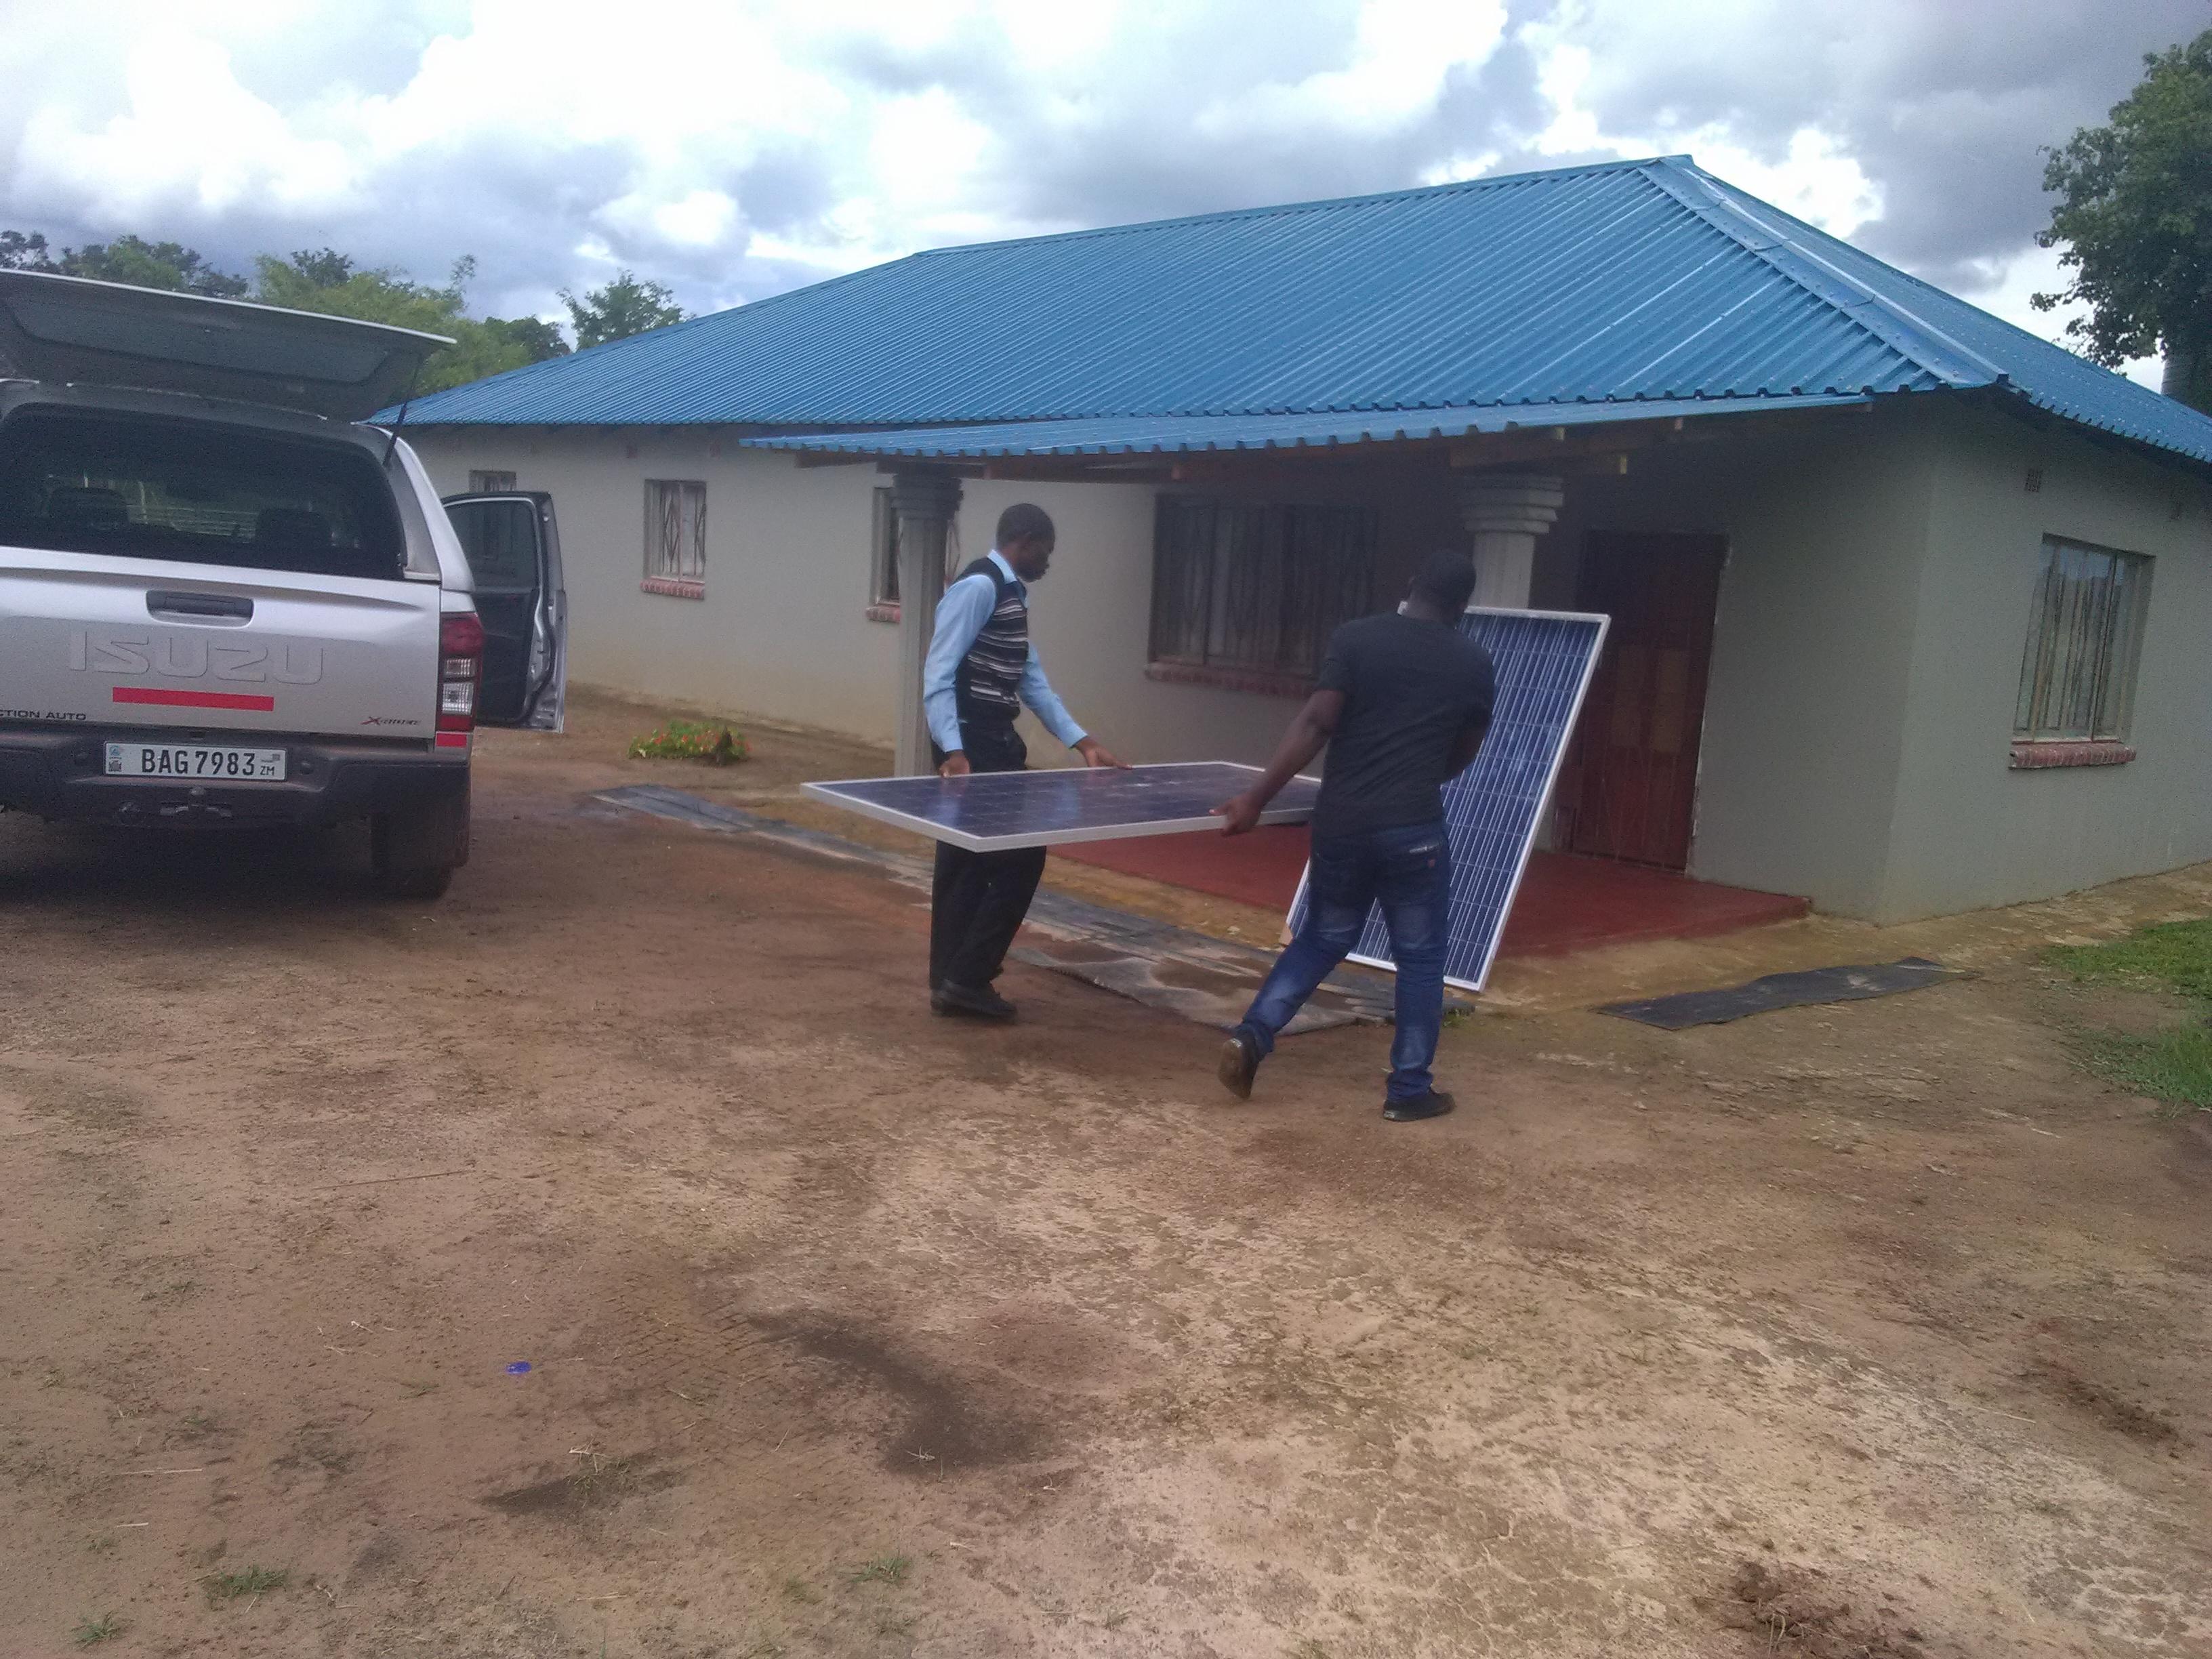 Offloading of Solar Panels